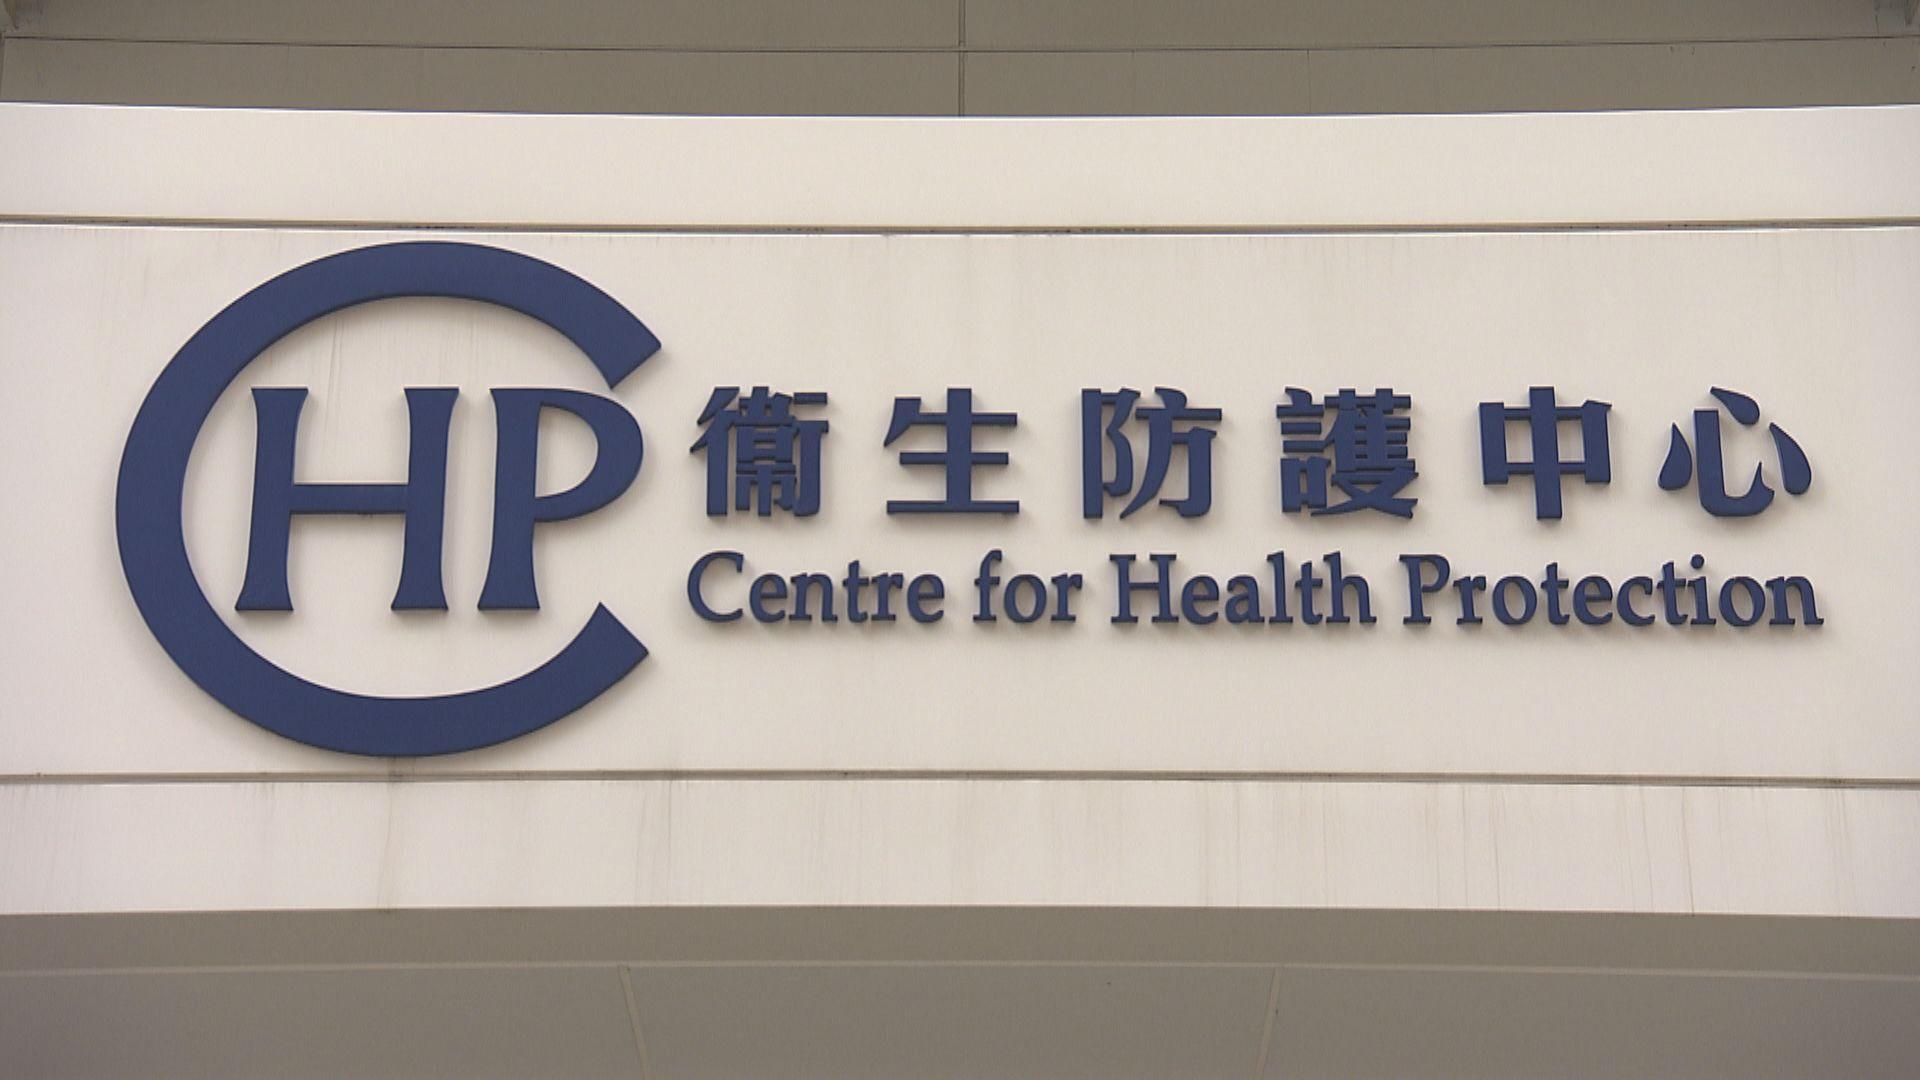 消息:本港新增七宗新冠病毒輸入個案